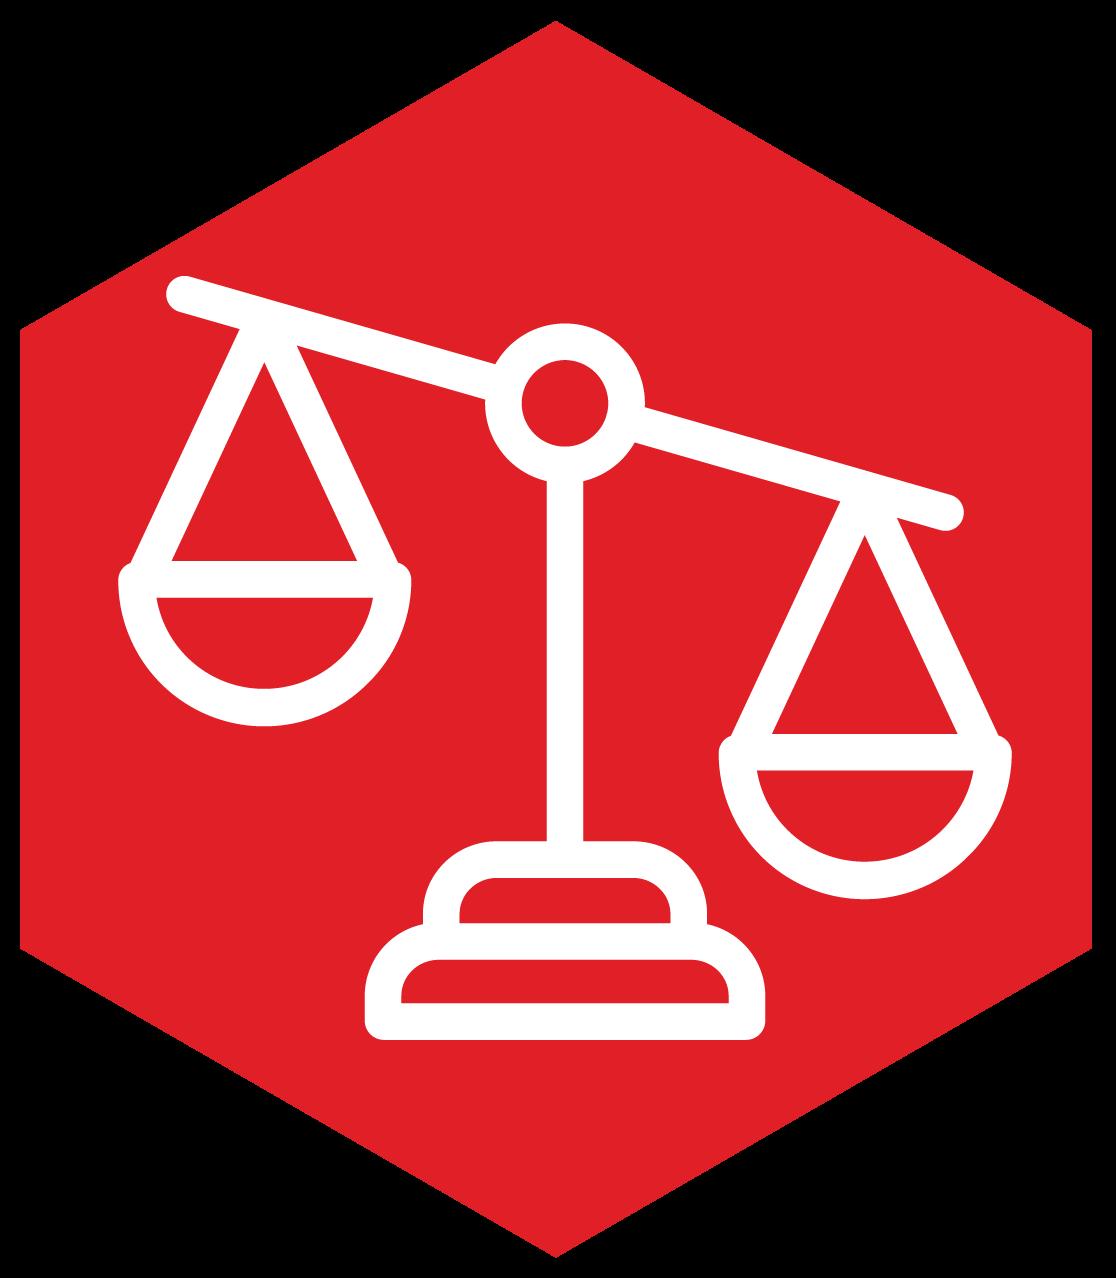 Bias Icon